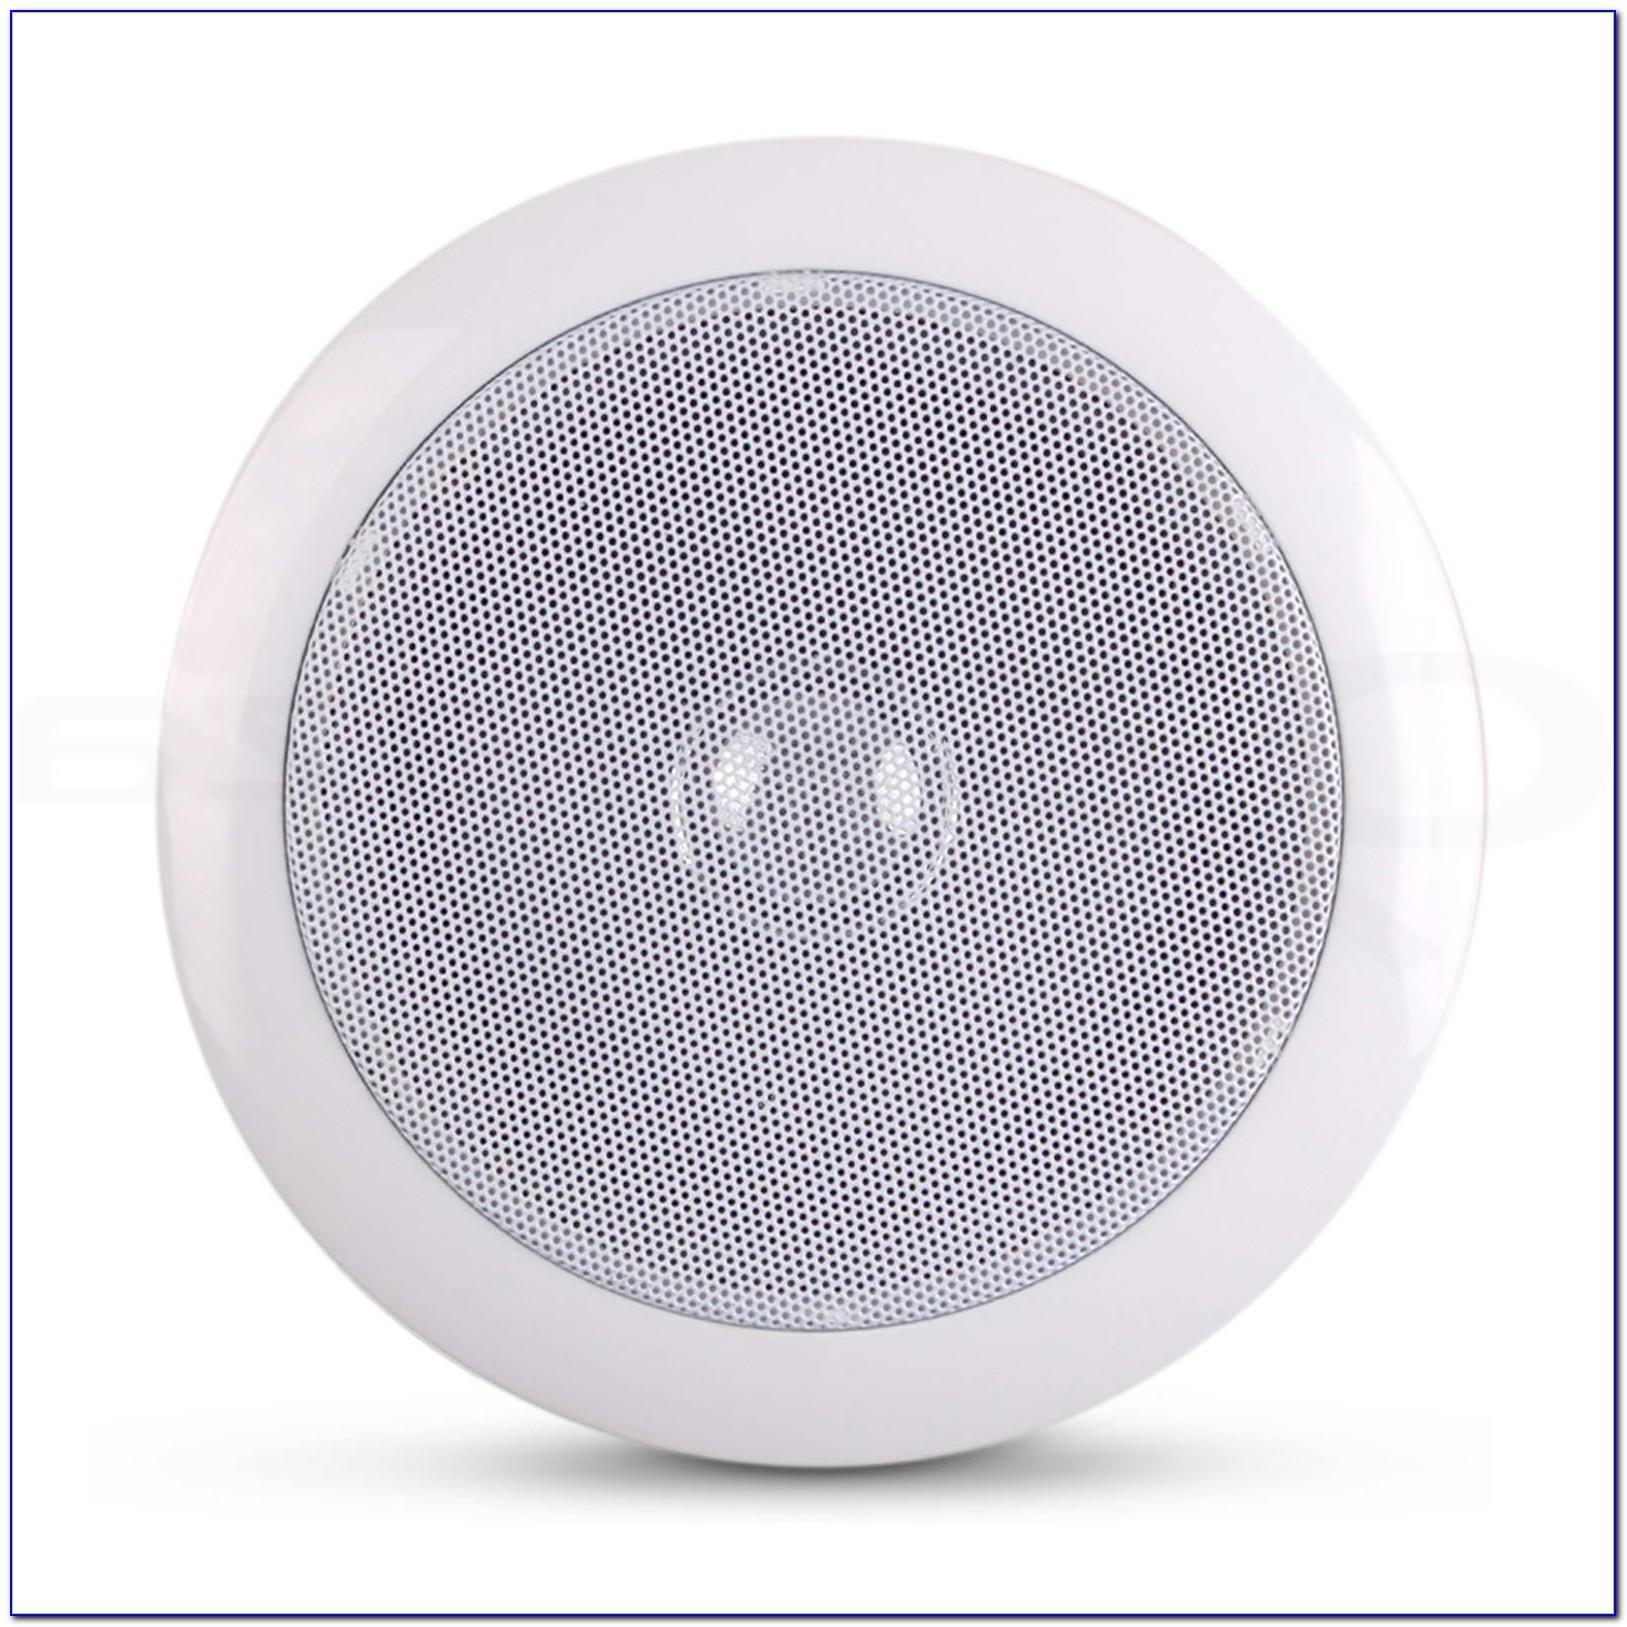 Jbl 6 Inch Ceiling Speakers